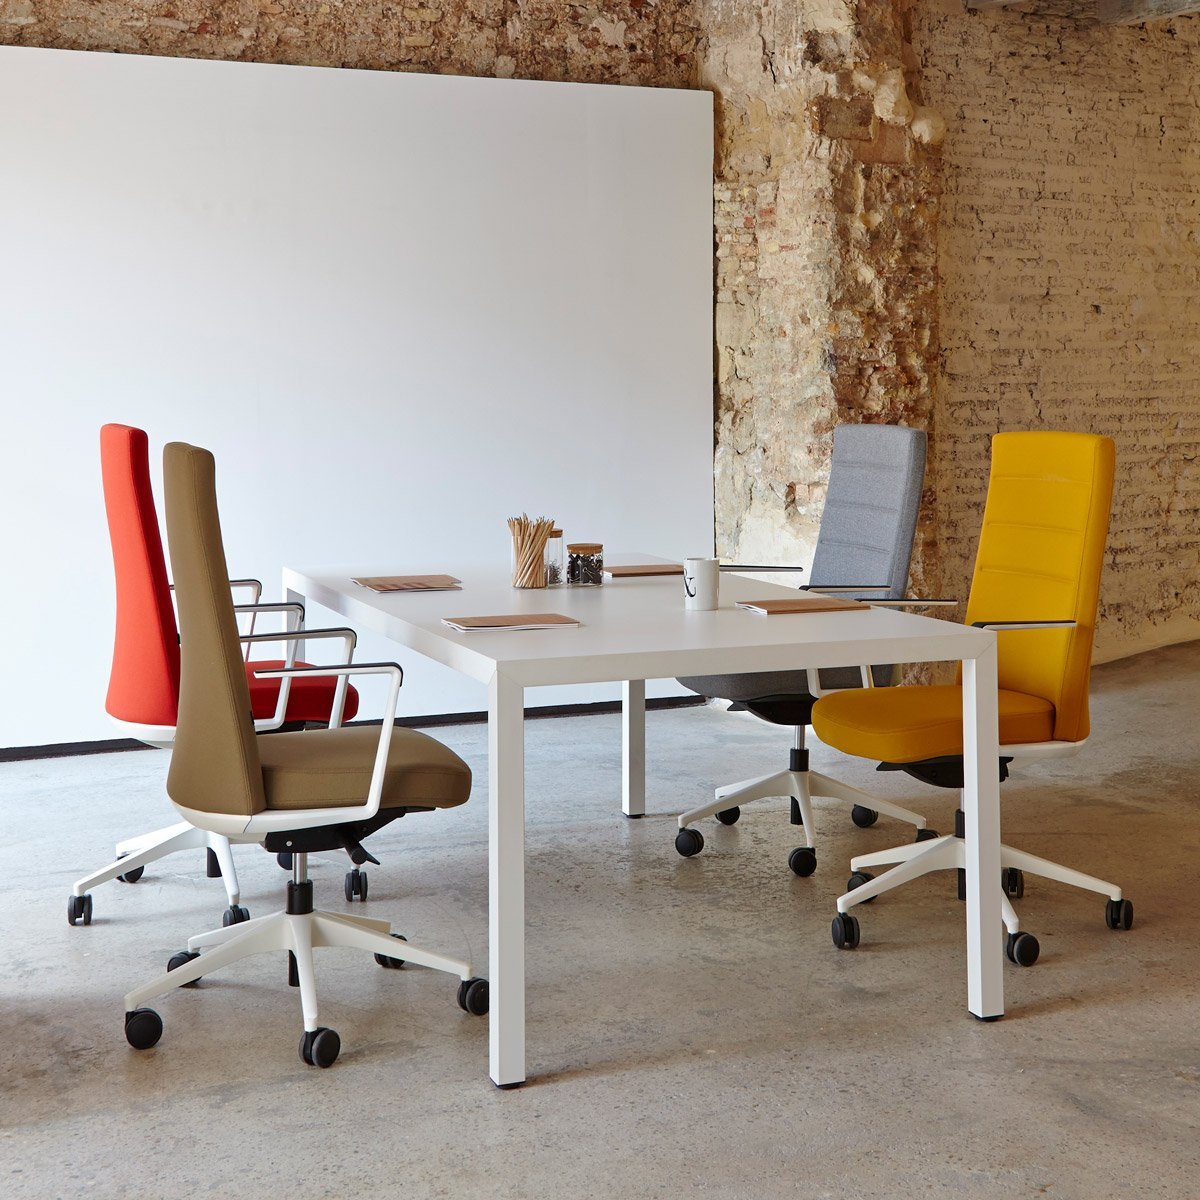 Cómo elegir la mesa de trabajo que mejor se adapta a ti - 49 PR 4